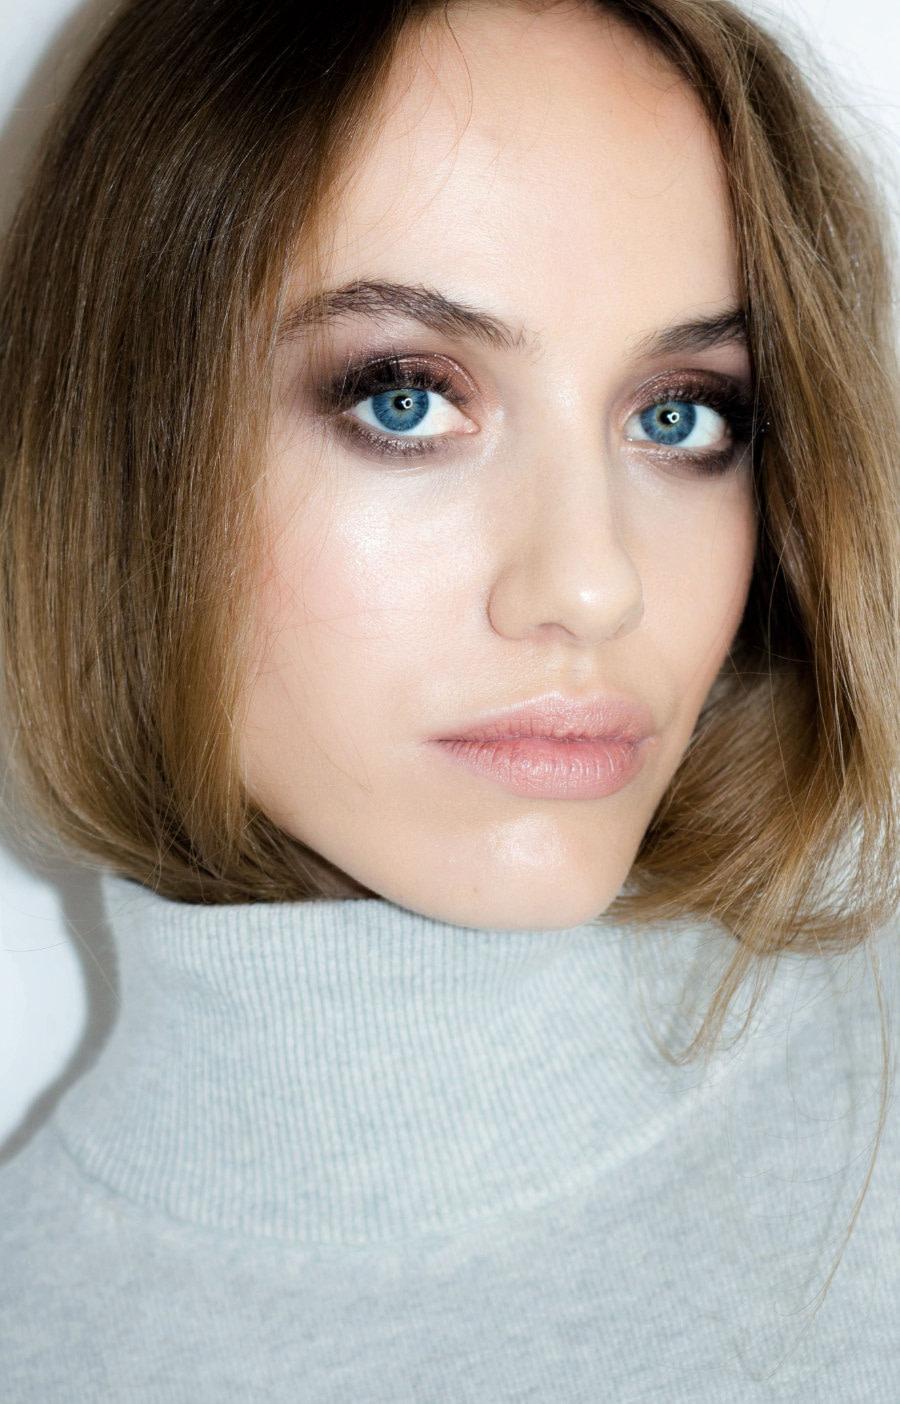 Organiczny makijaż na jesień 2019. Trendy w makijażu. Smokey eyes na modelce Clarze Murawskiej, wykonany kosmetykami ILIA Beauty i RMS Beauty. Dostępne w butiku Beauty Rebel.